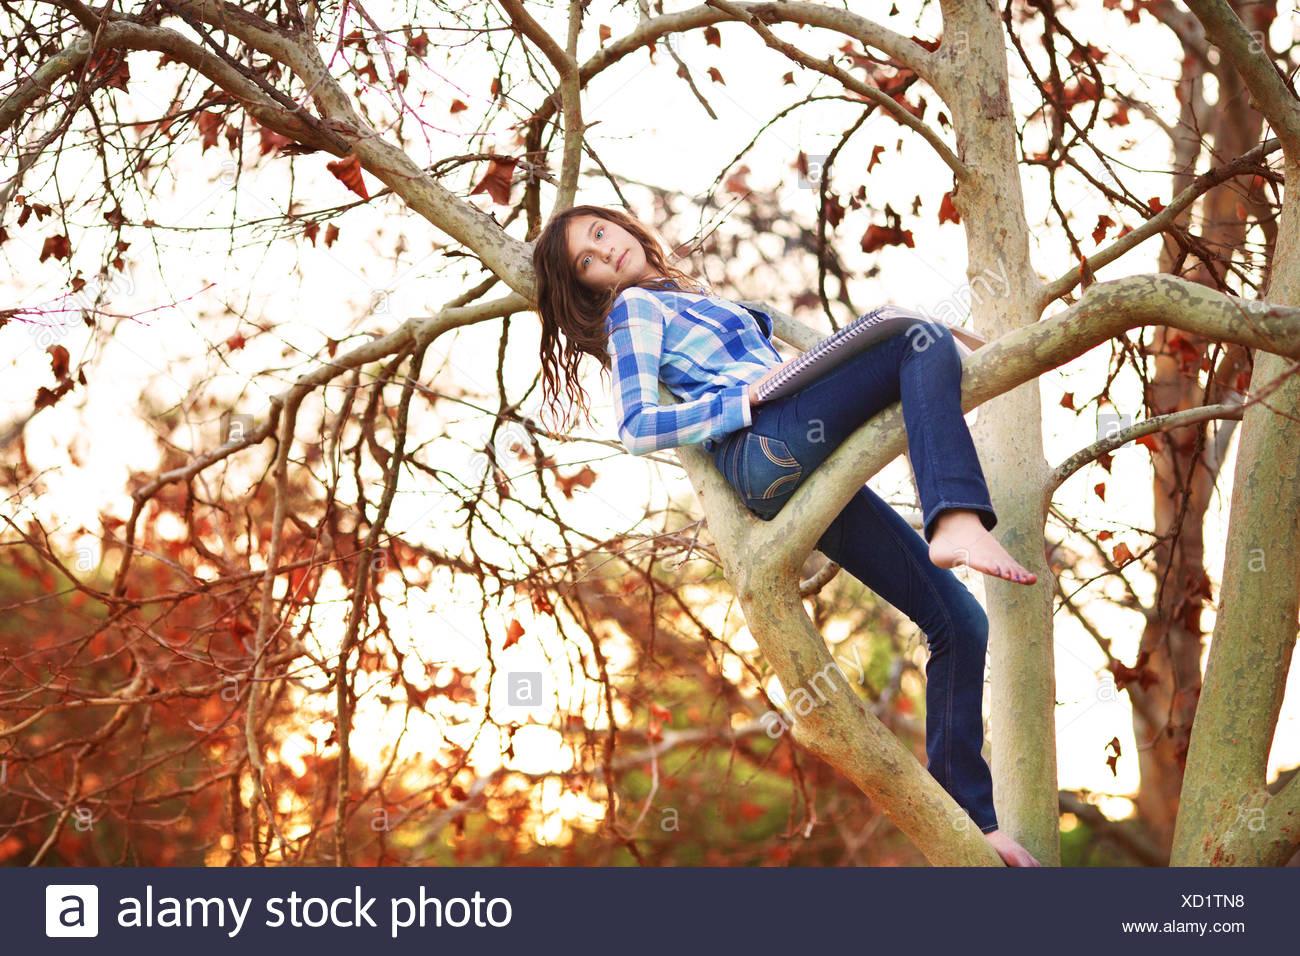 Ragazza seduta in una struttura ad albero con tampone di disegno Immagini Stock